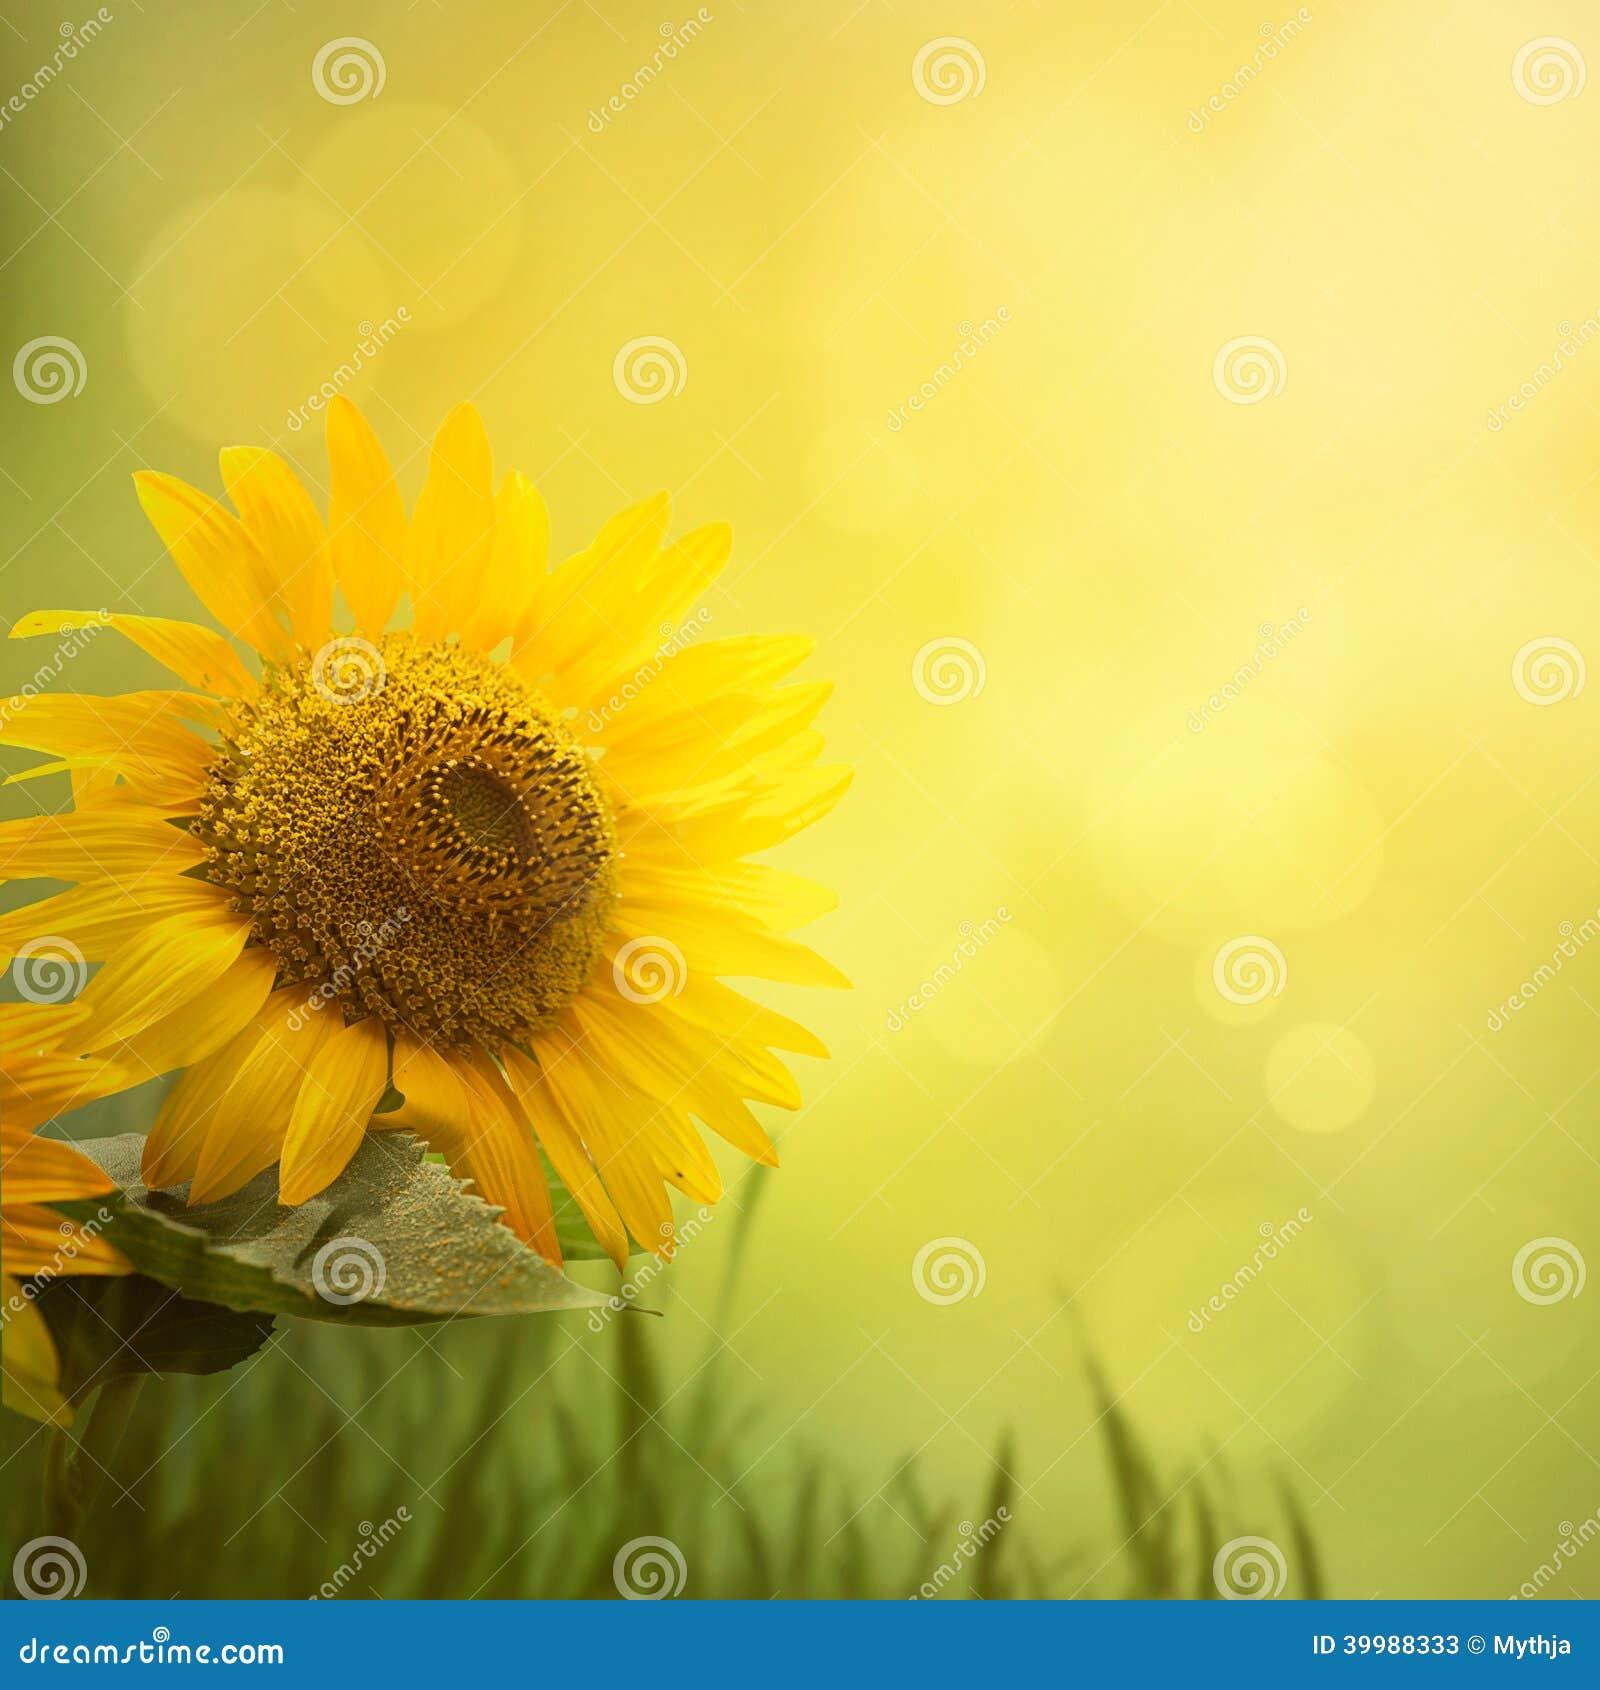 夏天向日葵背景